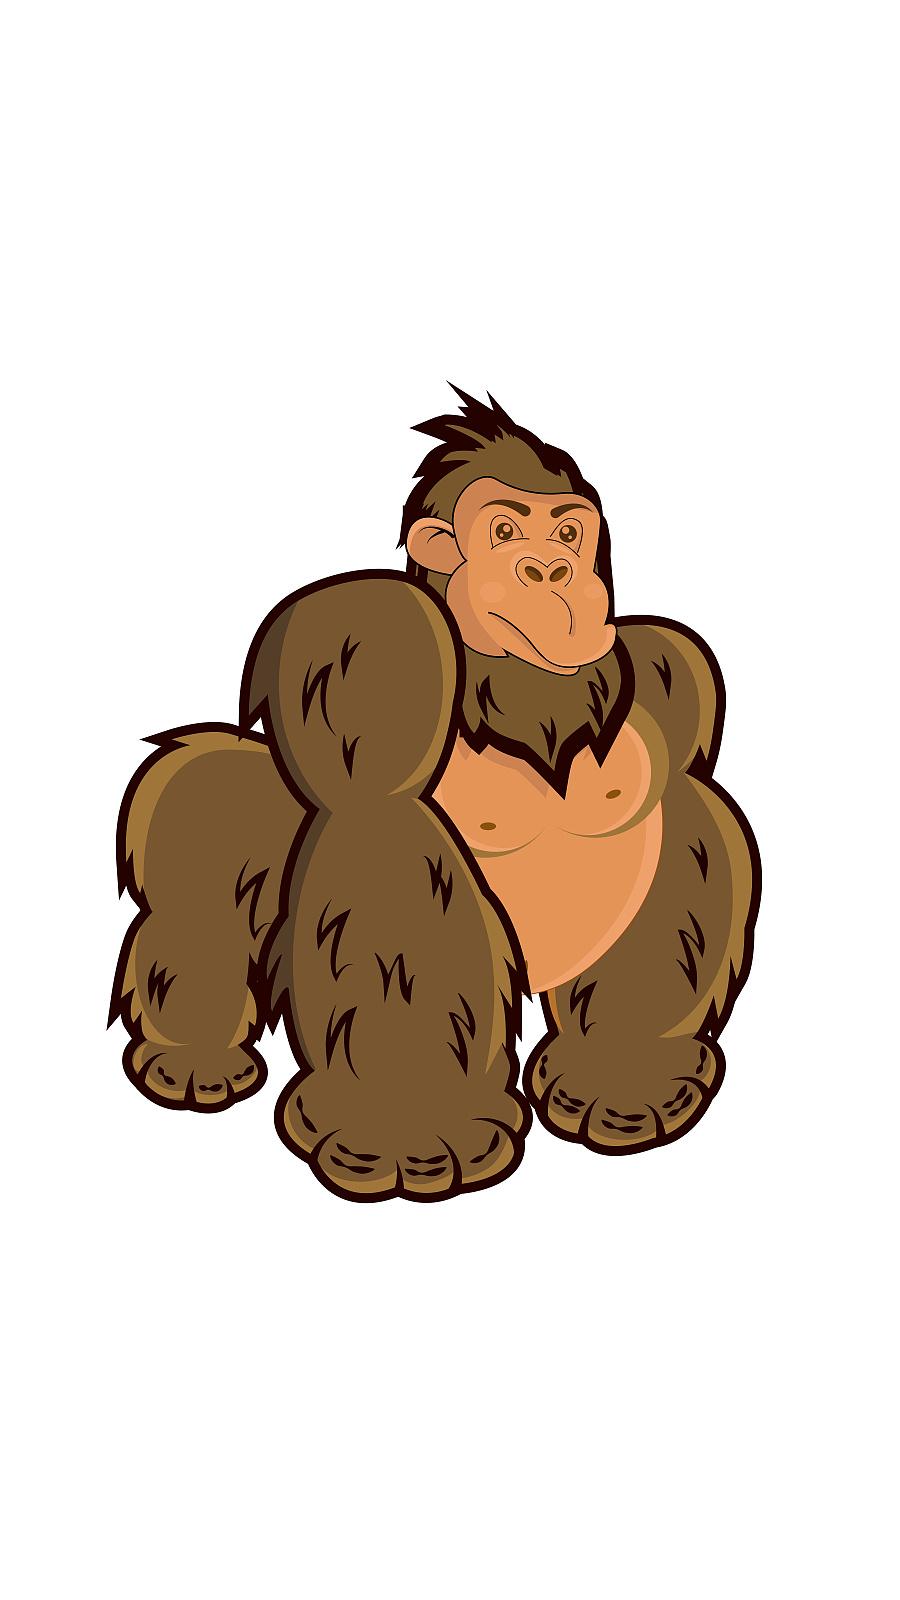 大猩猩,儿童插画